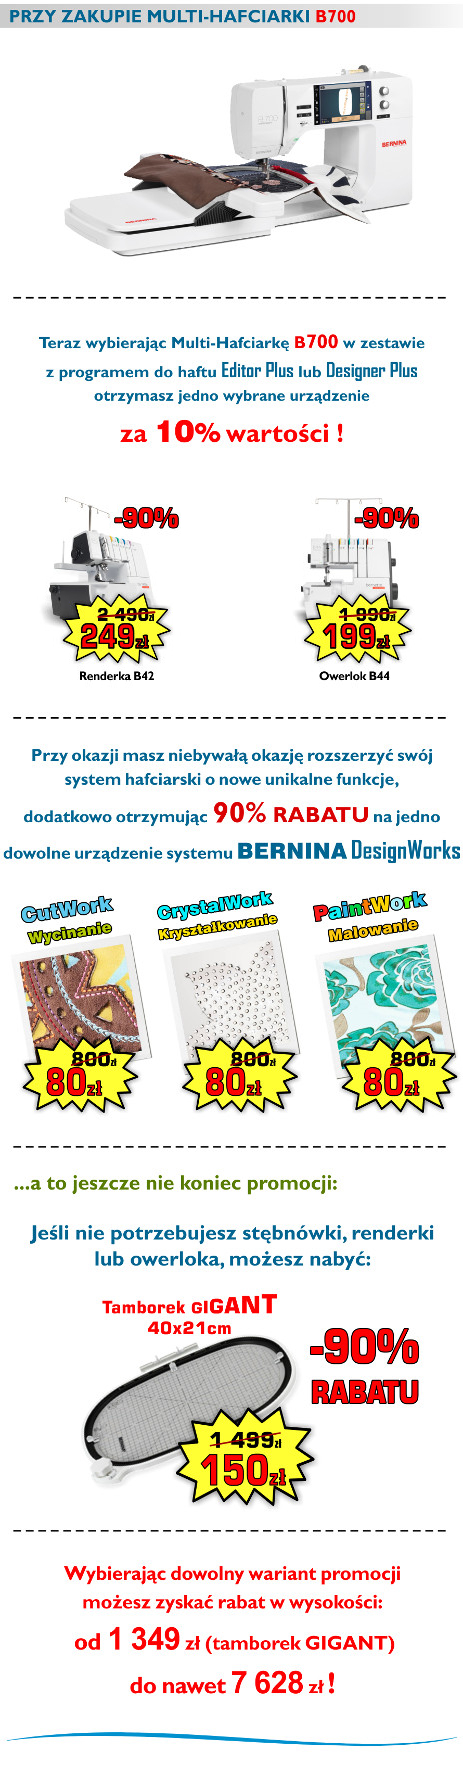 BERNINA B700 - Komputerowa hafciarka dla firm - MEGA PROMOCJA !